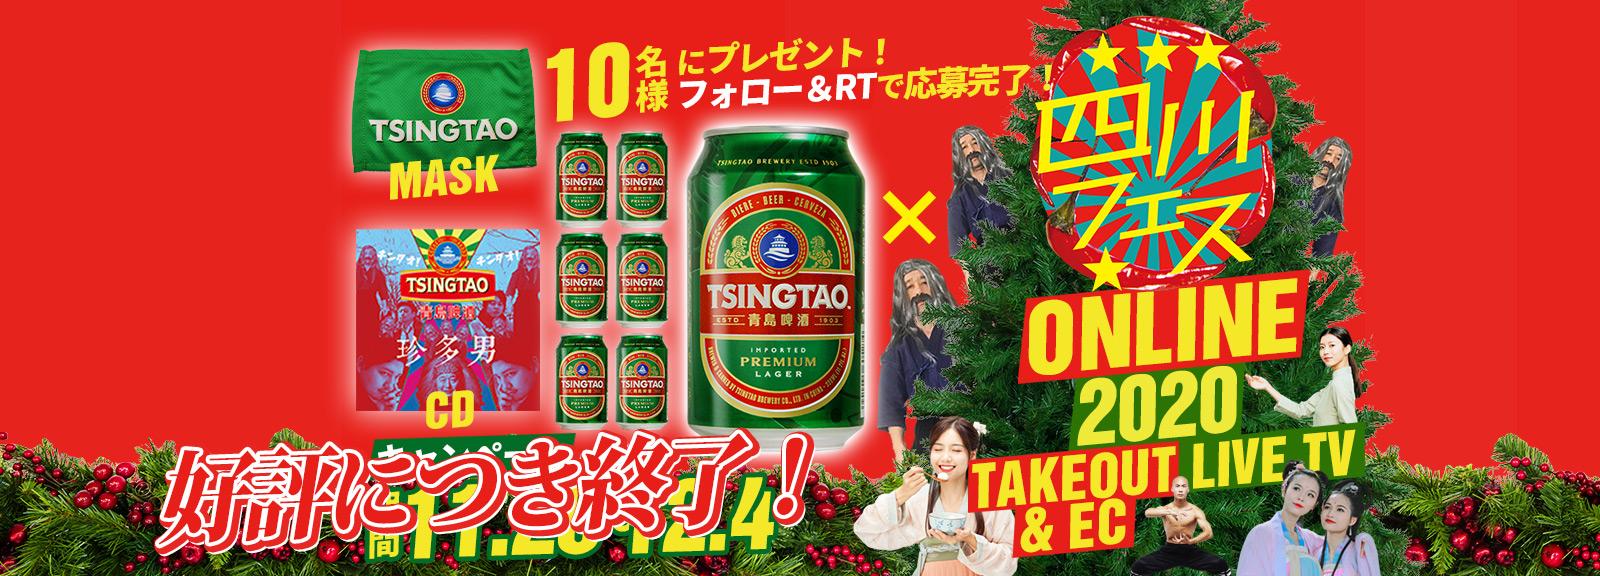 青島ビールコラボ